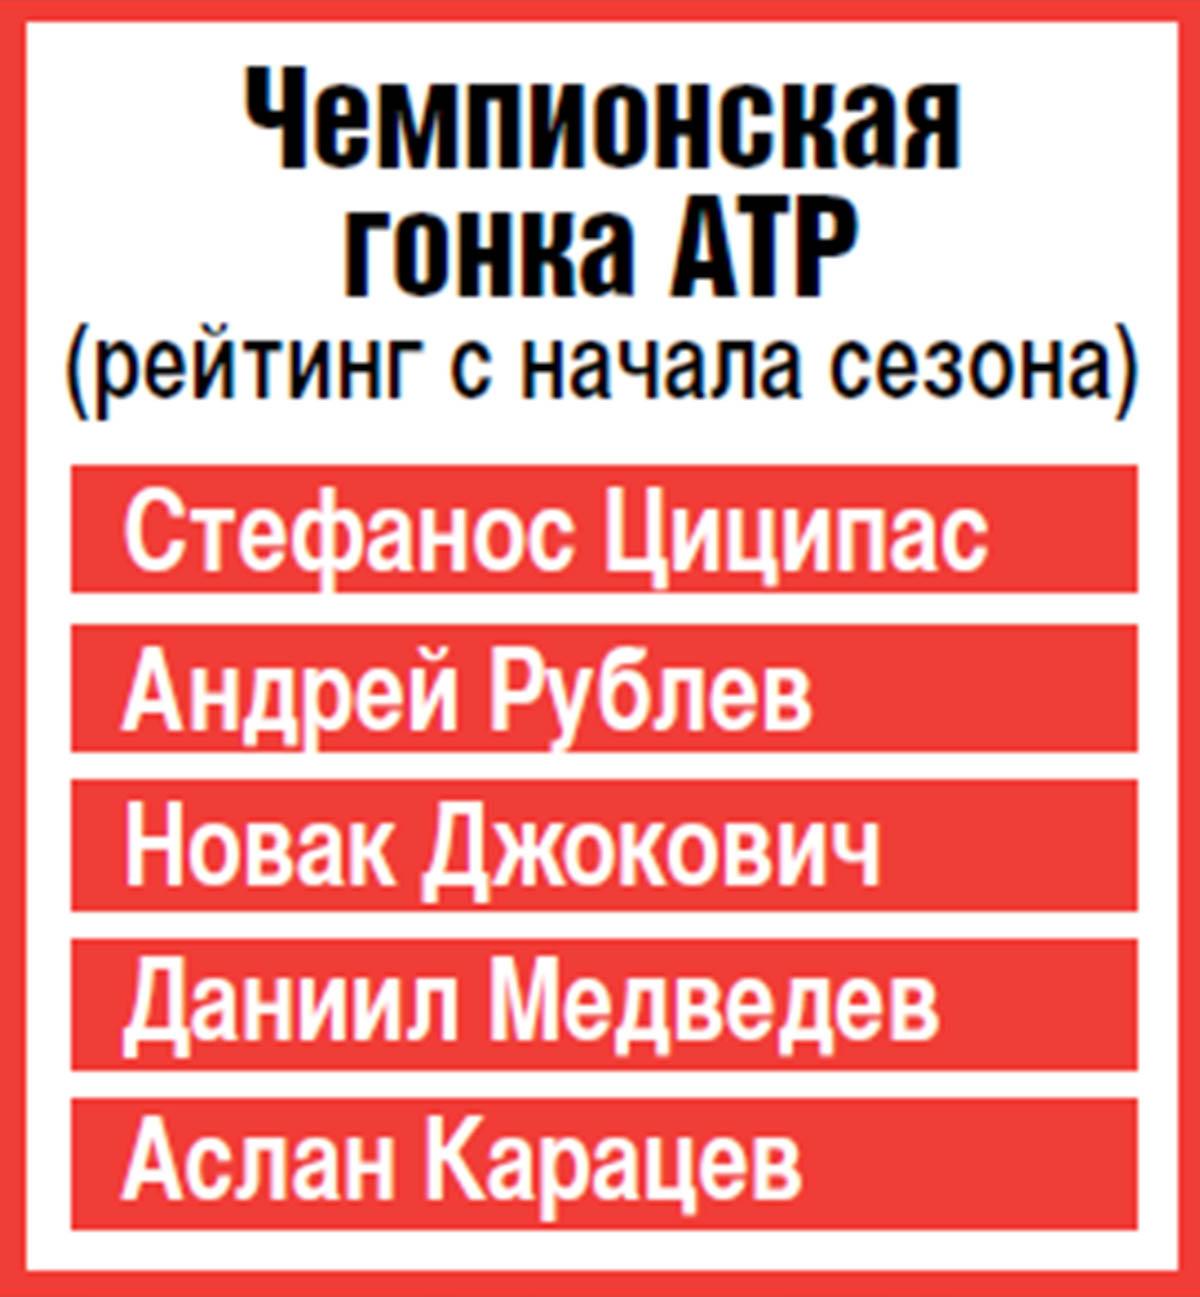 Чемпионская гонка ATP